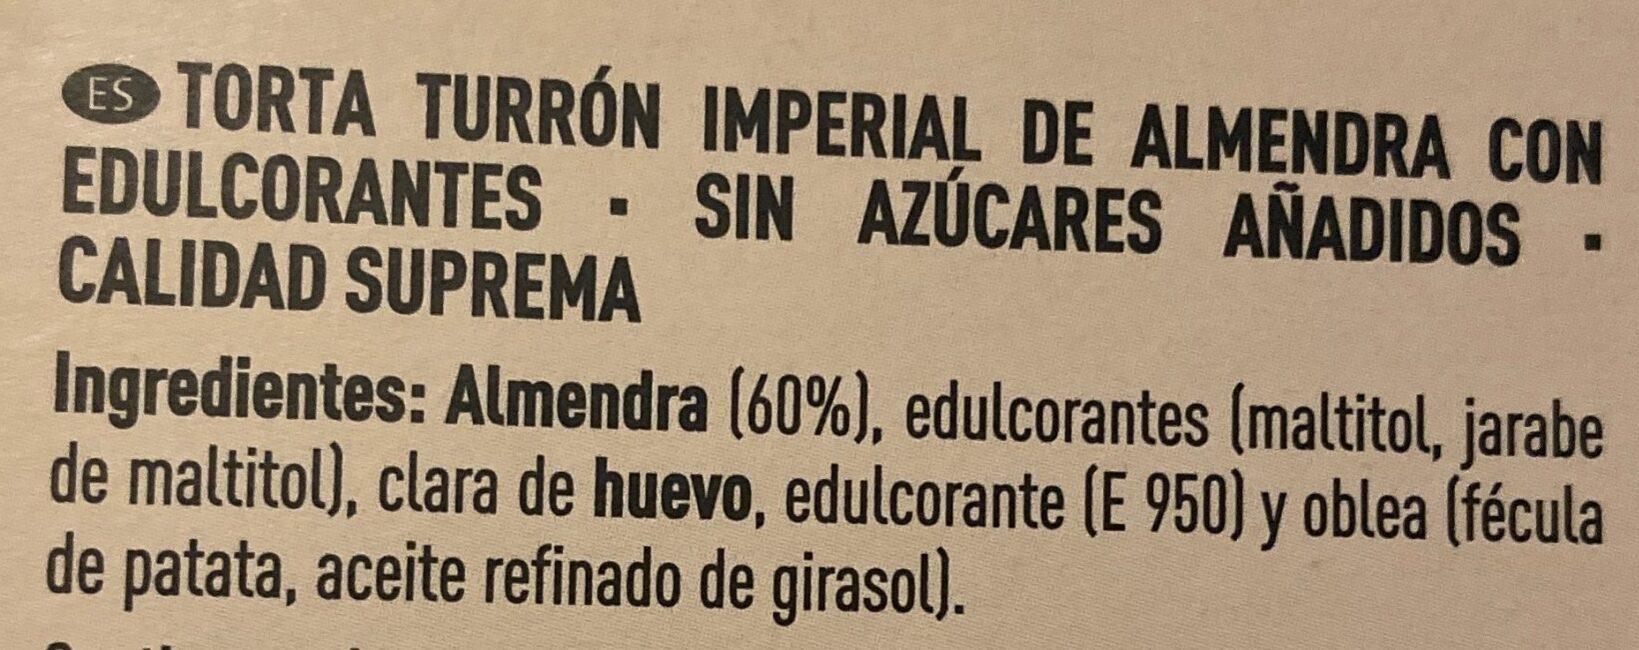 Torta turrón imperial de almendra - Ingredientes - es